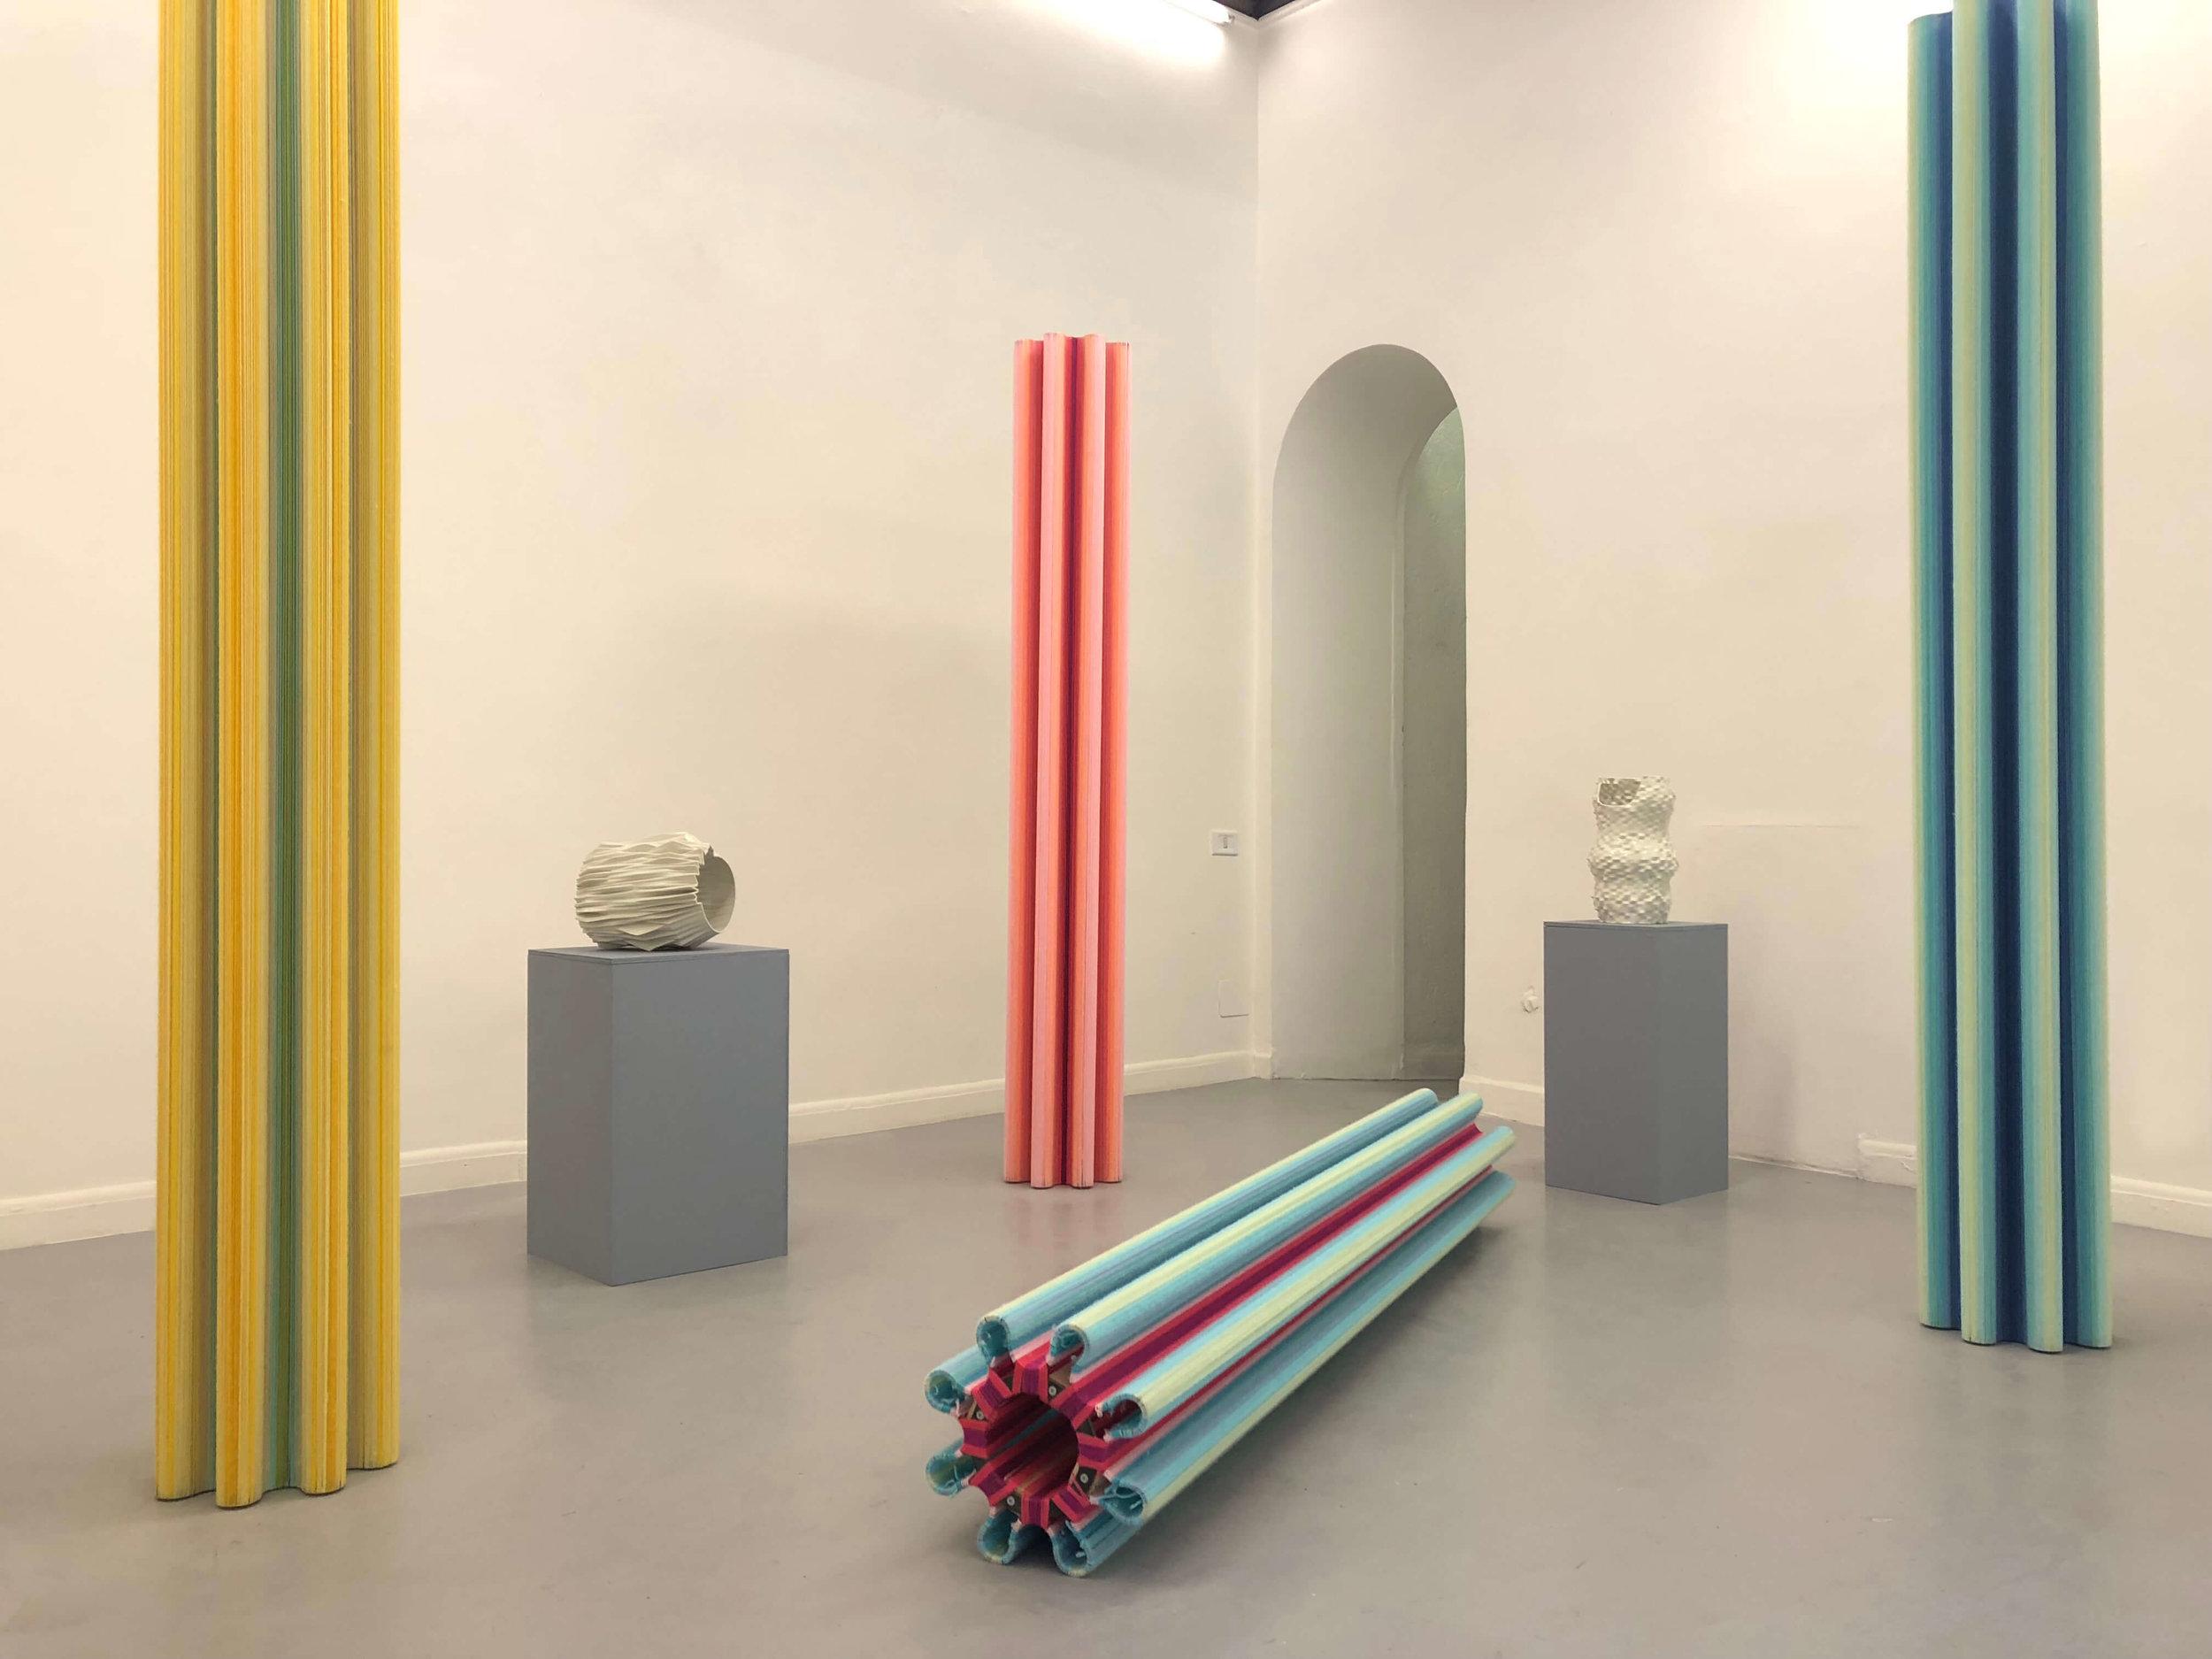 Installation view. Ph. Matteo Nasini e Operativa Arte Contemporanea